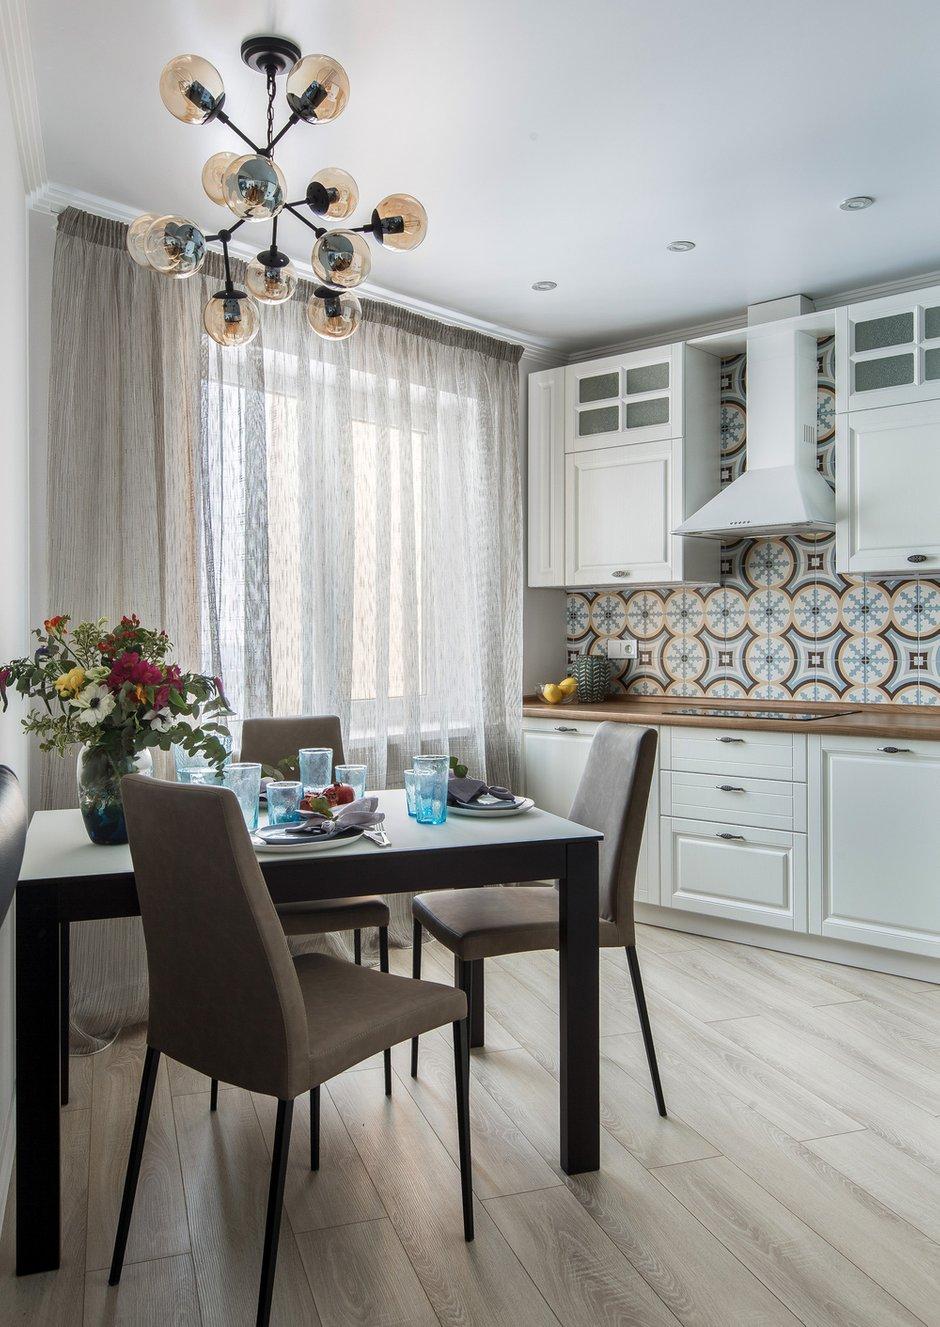 Фотография: Кухня и столовая в стиле Современный, Квартира, Проект недели, Монолитный дом, 3 комнаты, 60-90 метров, Саратов, Quadrum Studio – фото на INMYROOM